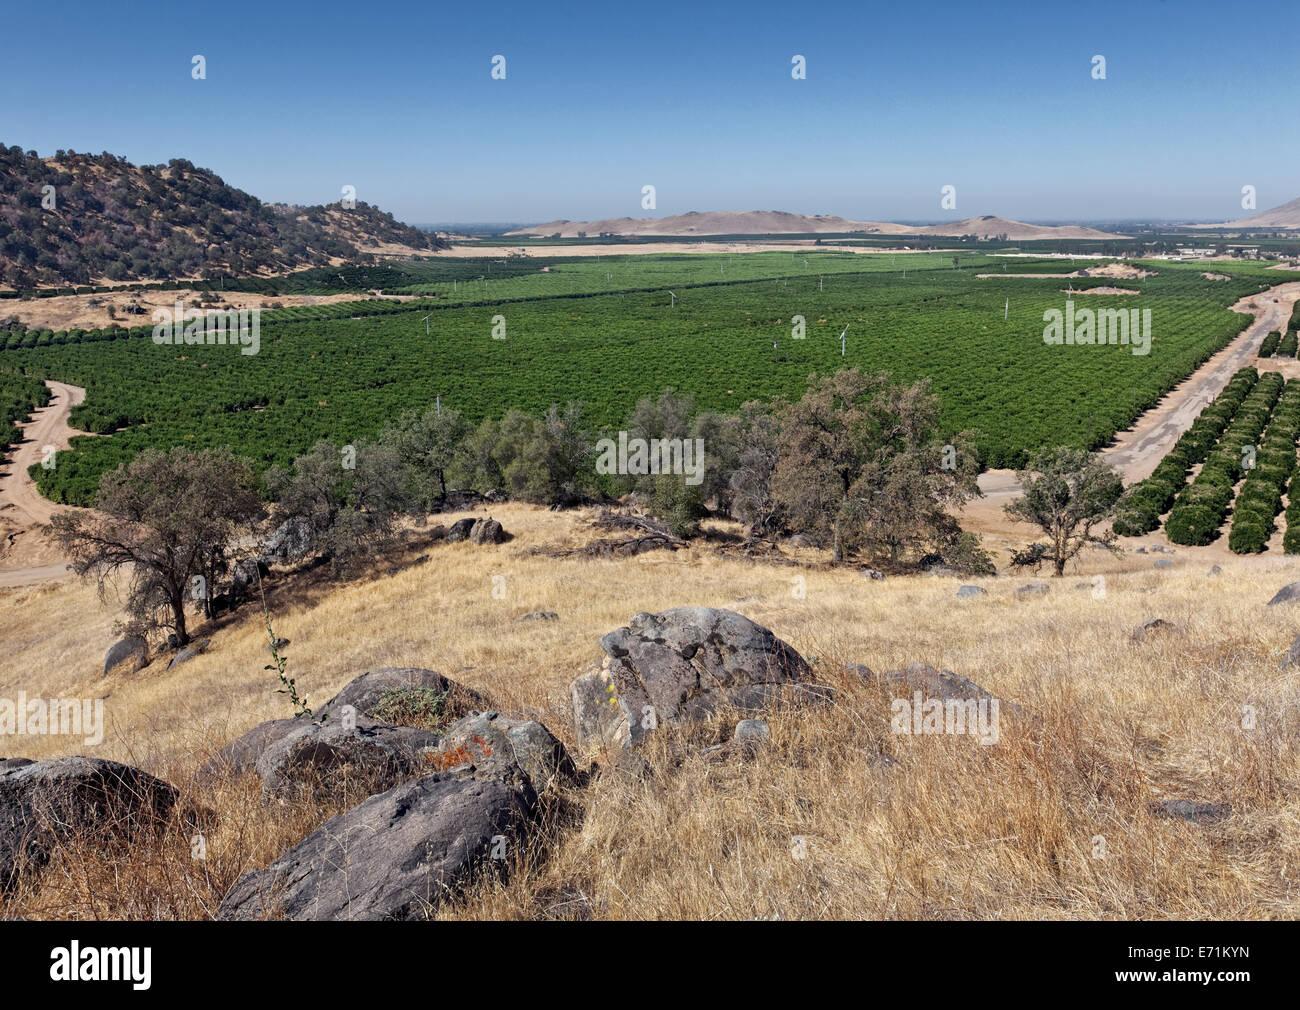 Los Naranjos - Riego de California Central Imagen De Stock